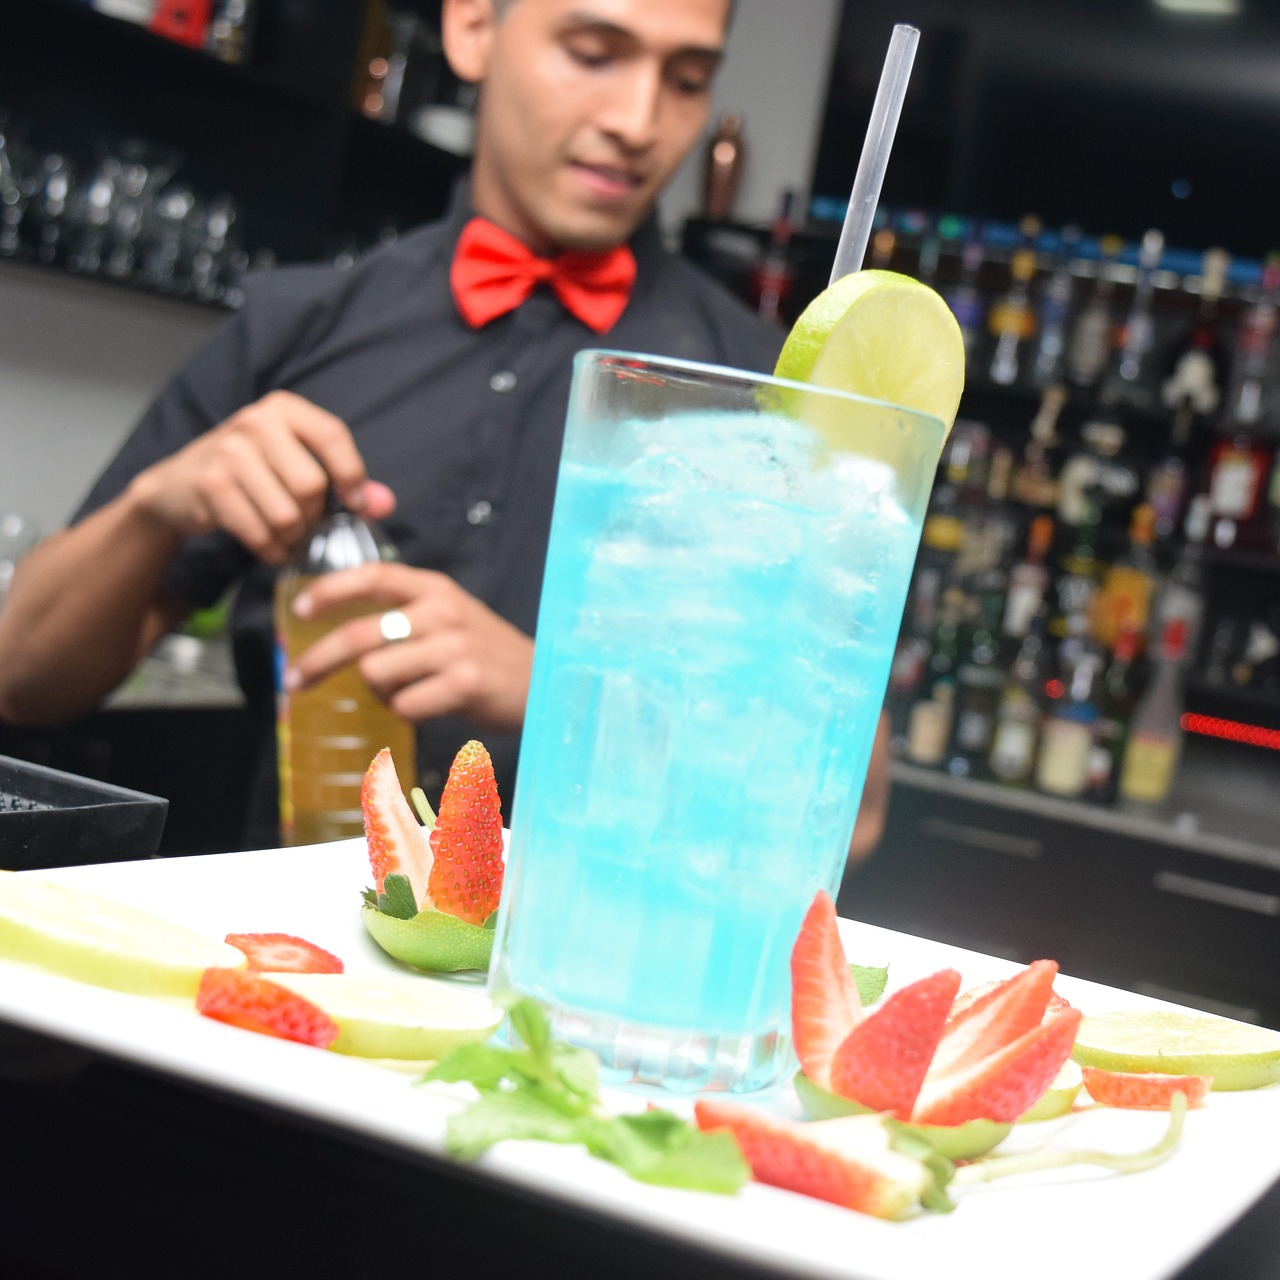 Akcesoria do drinków, czyli artykuły przydatne w każdym barze